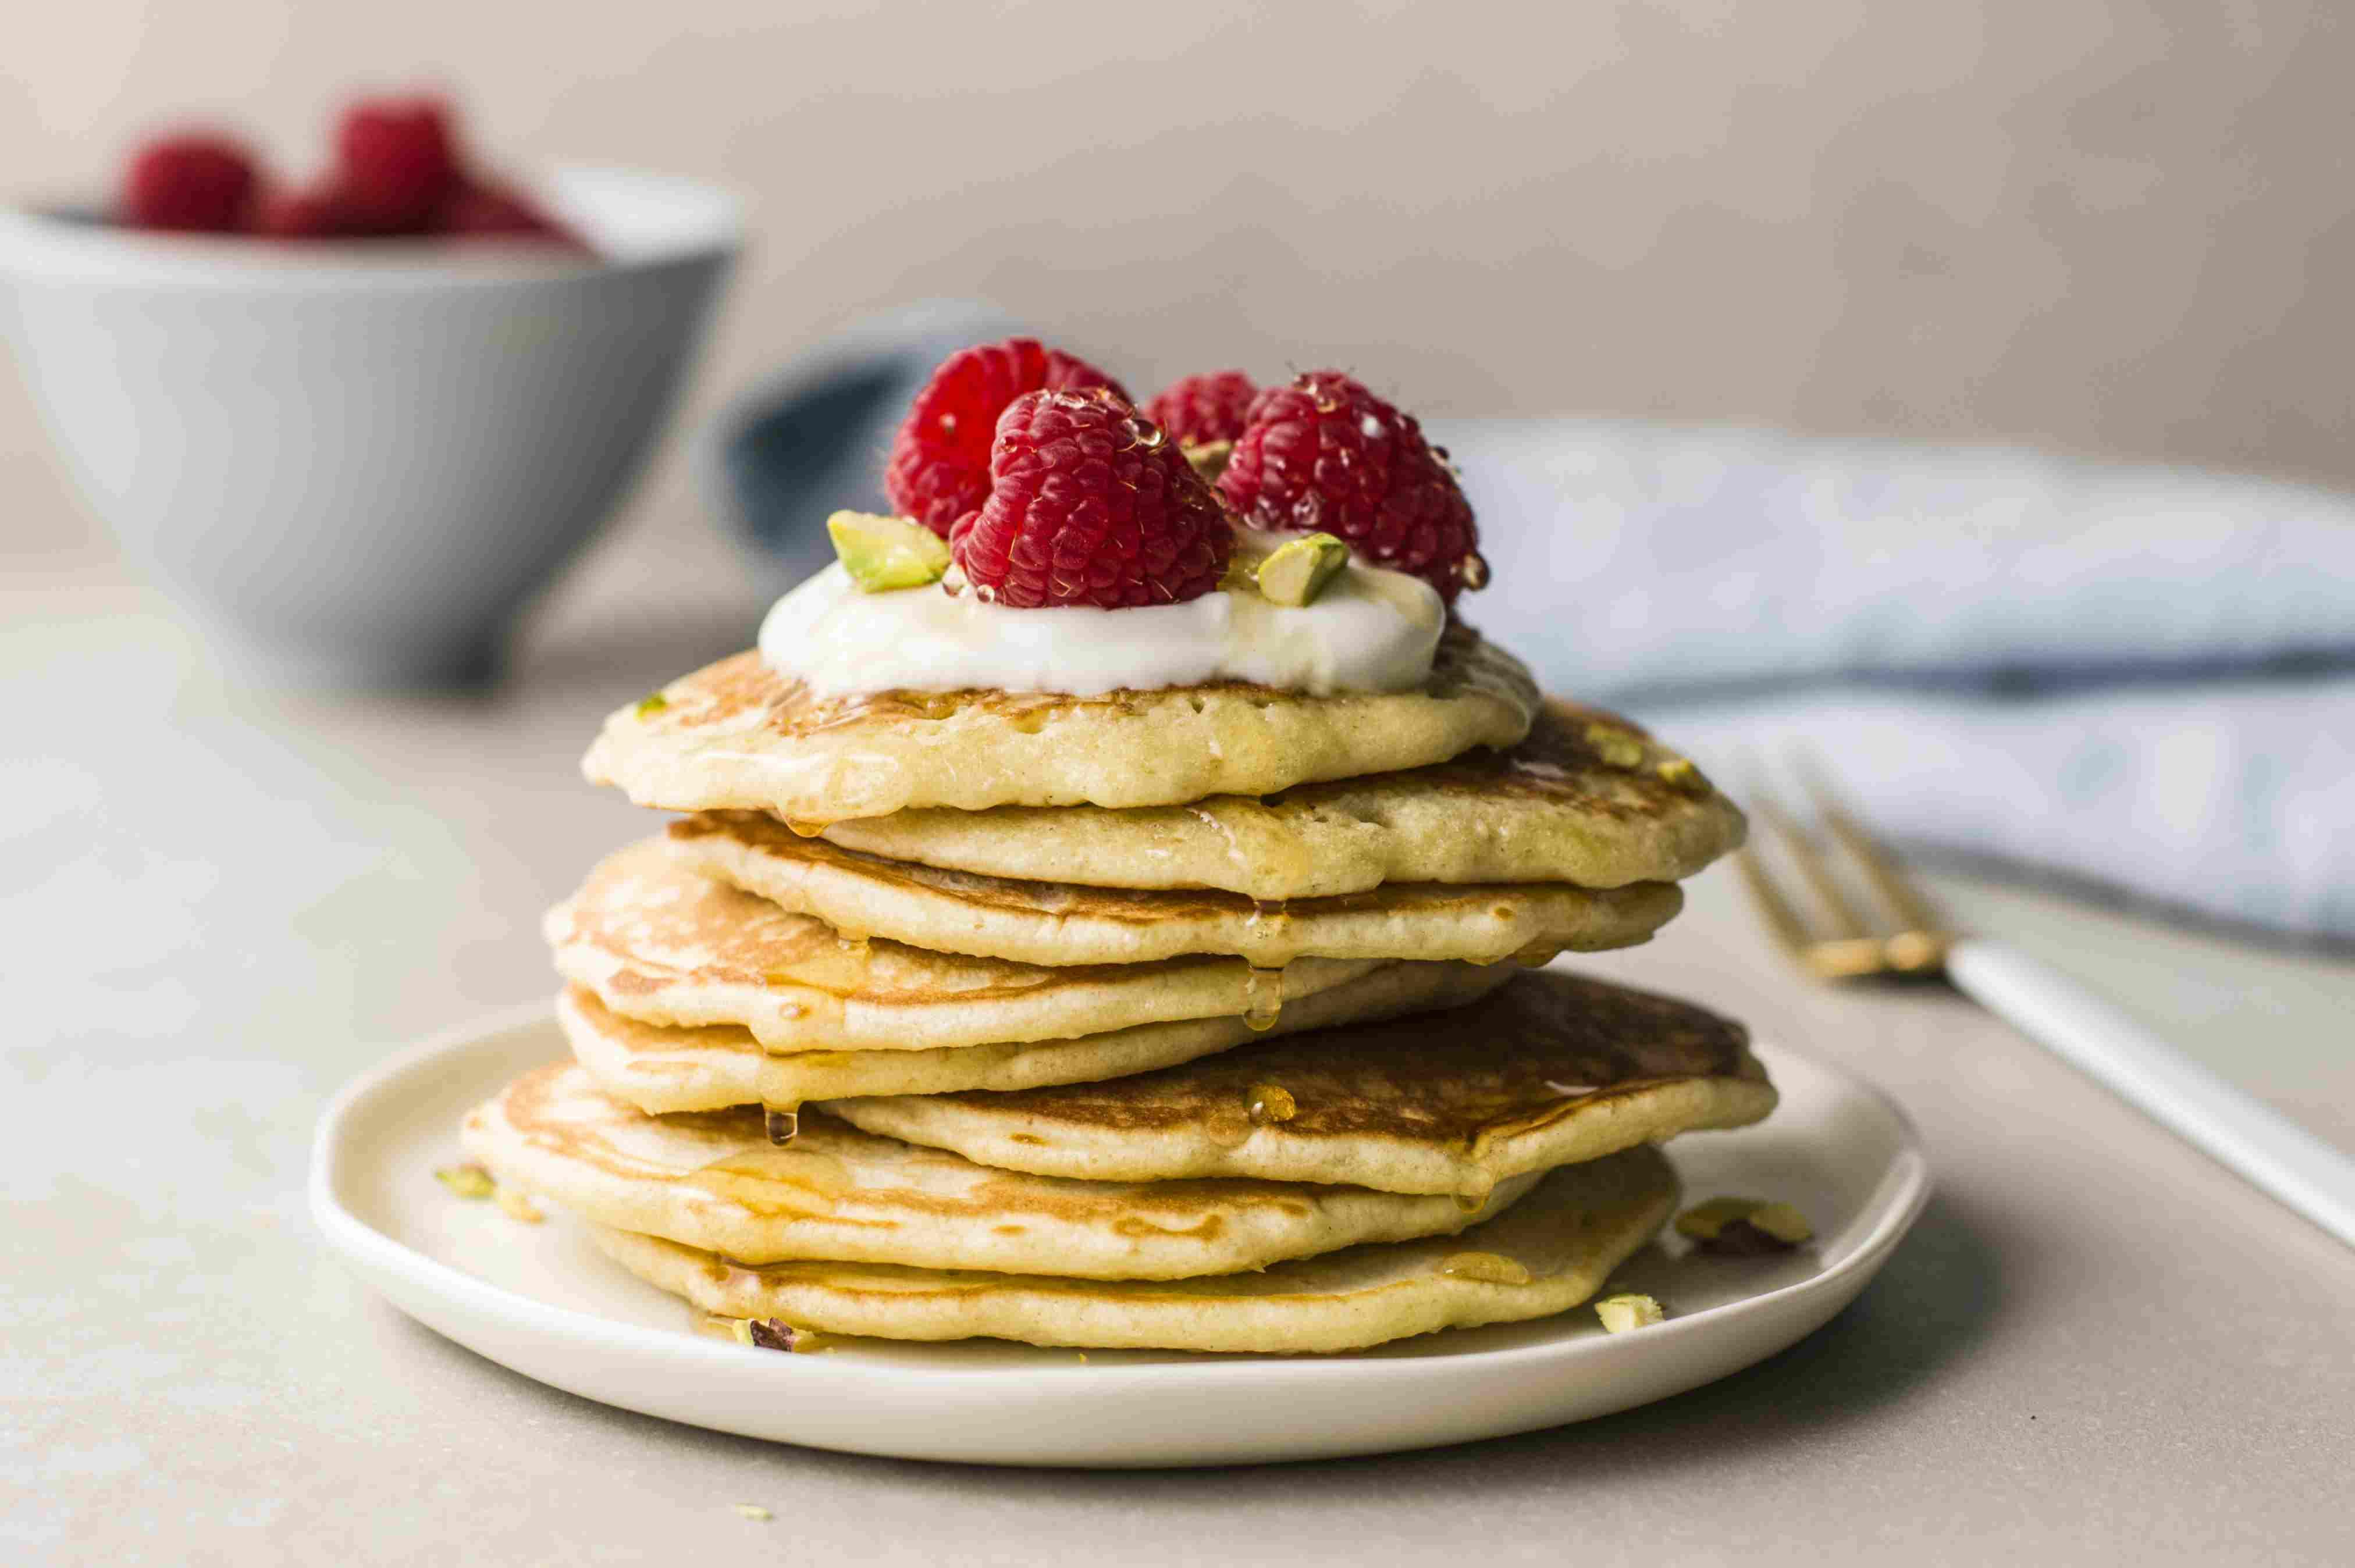 Basic pancakes recipe